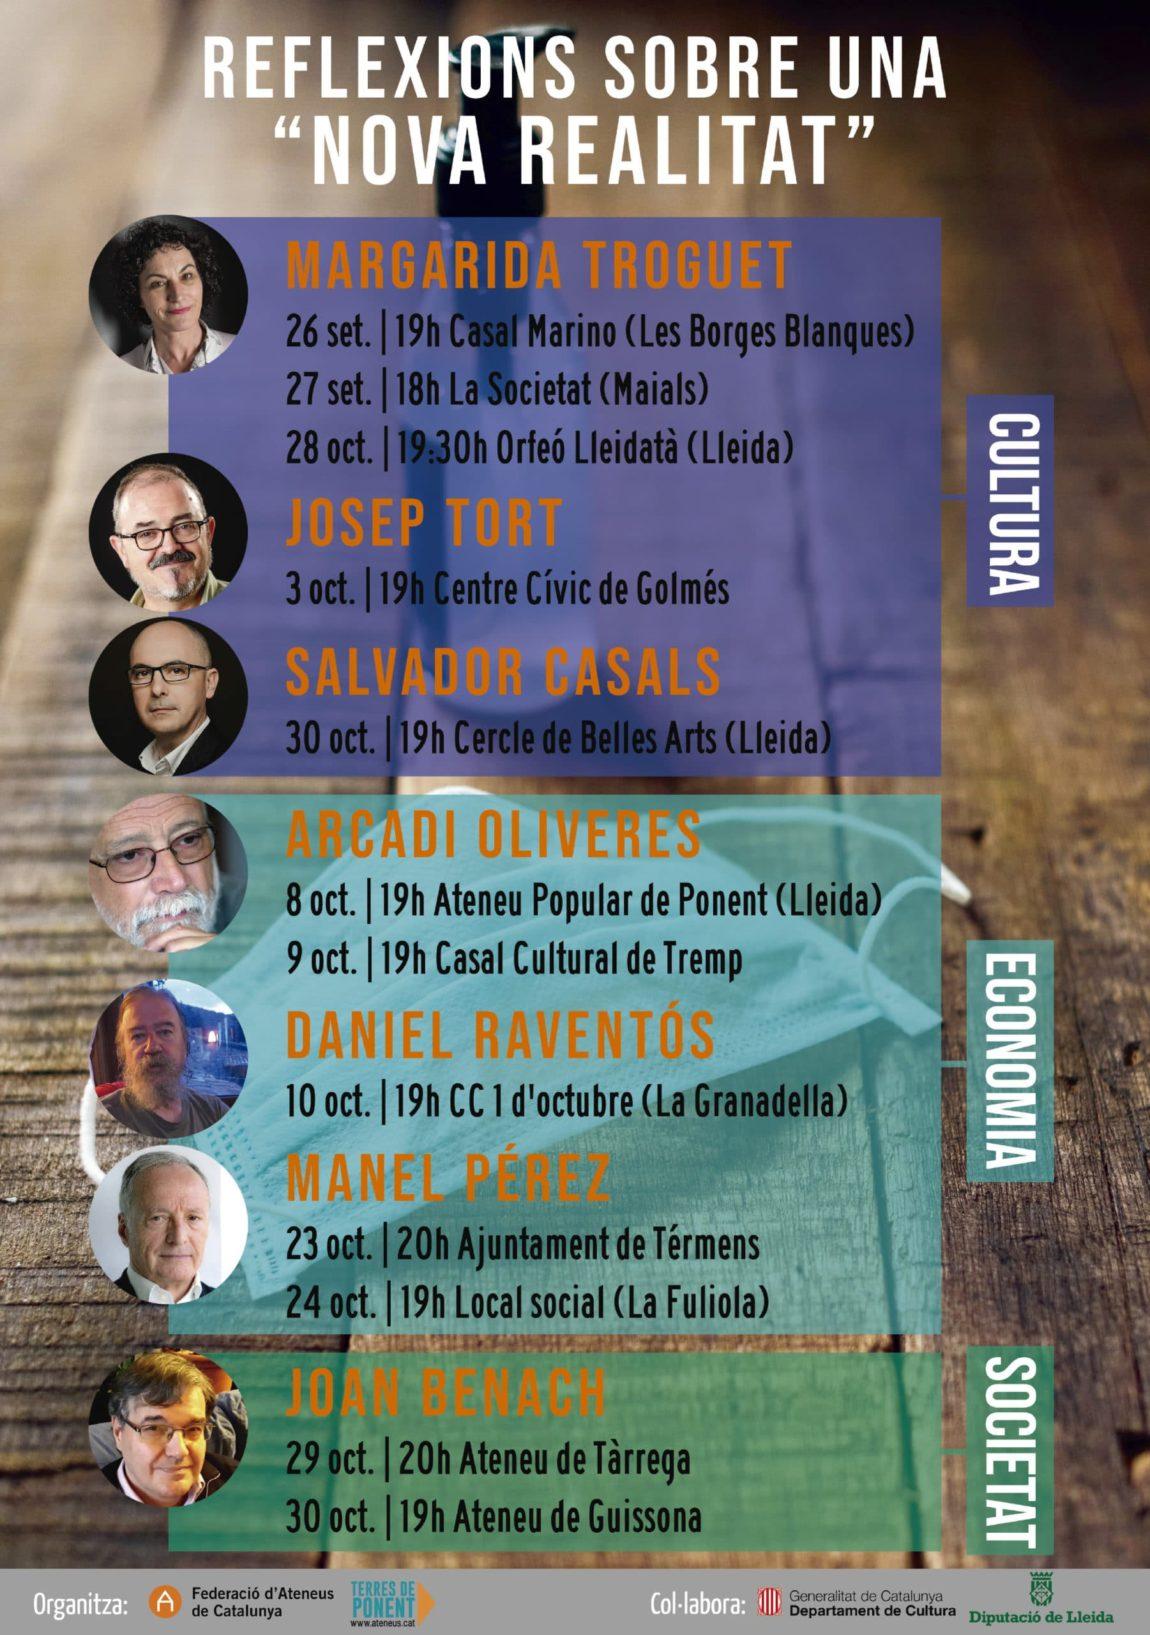 Arcadi Oliveres, Manel Pérez, Daniel Raventós, Joan benach, Salvador Casals, Josep Tort i Margarida Troguet, al cicle de debats de la Delegació de Terres de Ponent